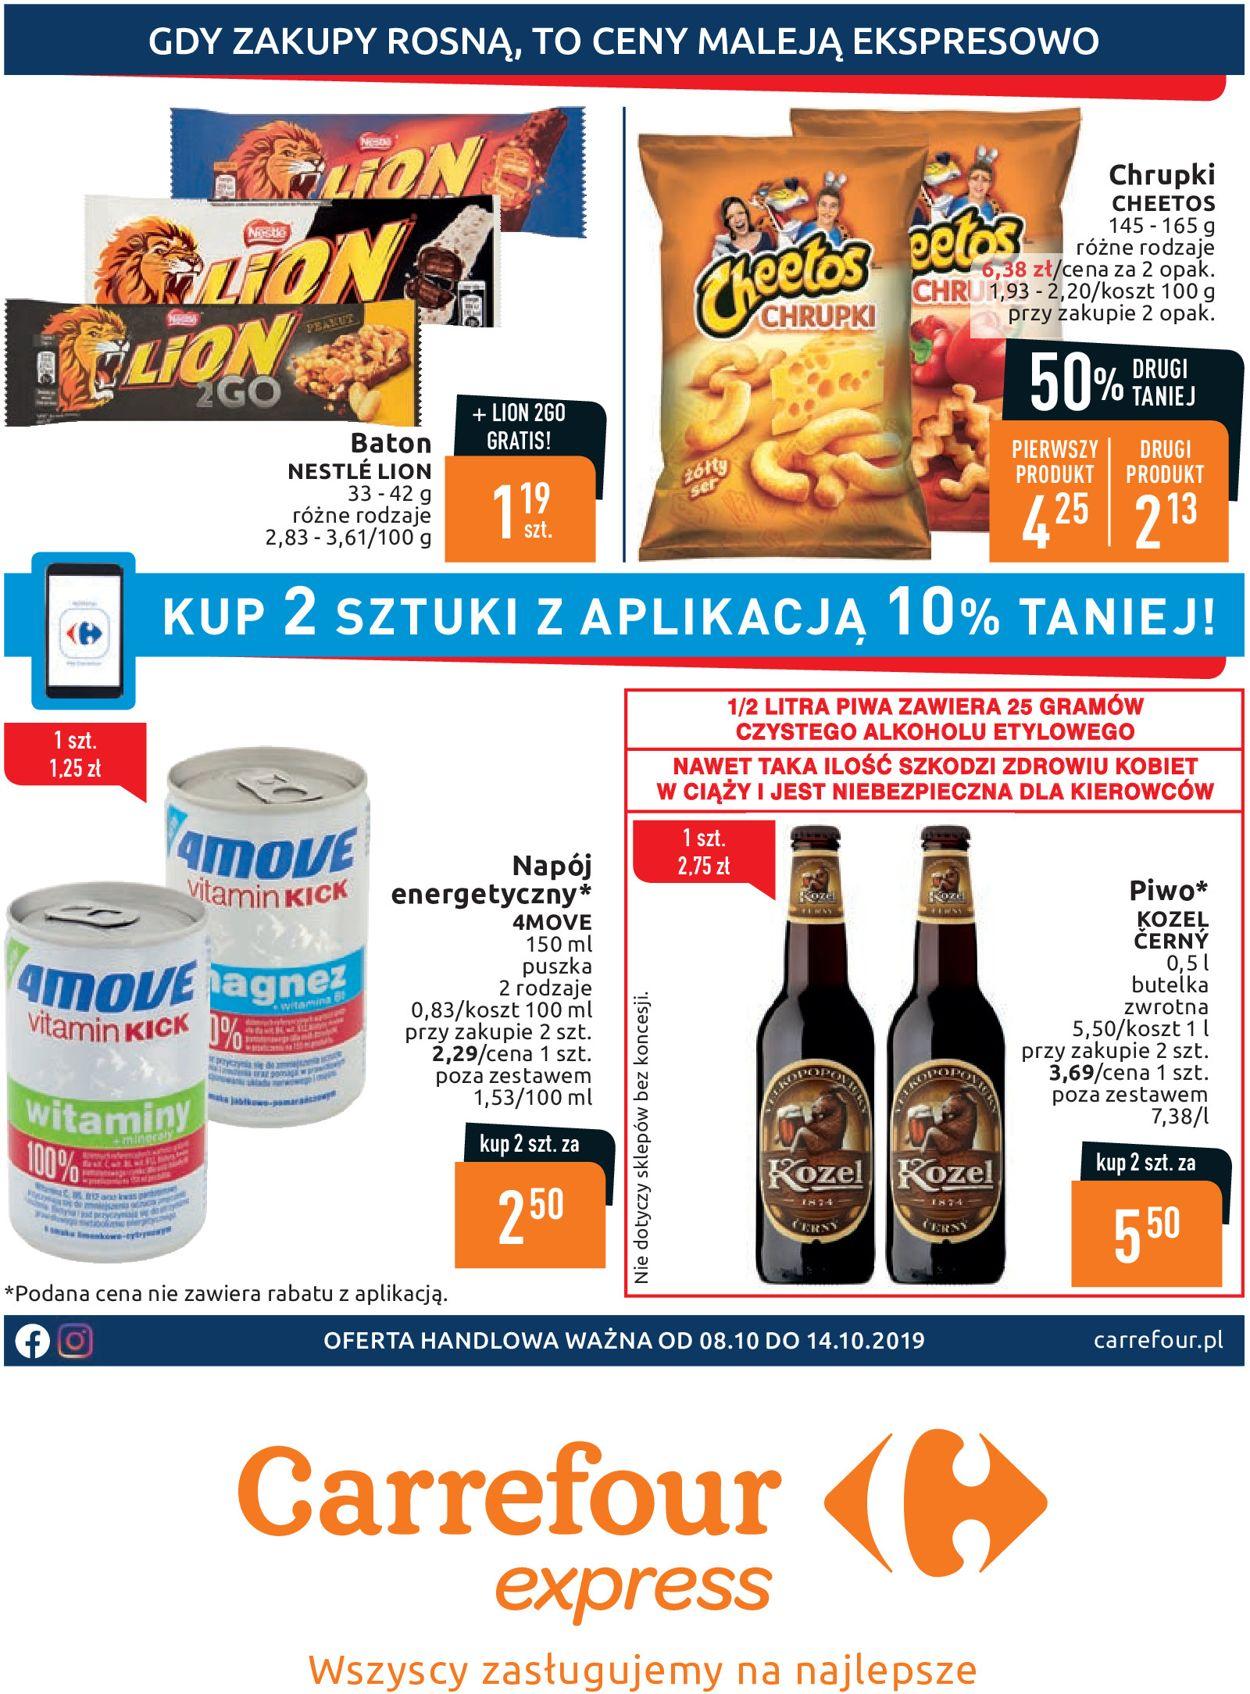 Gazetka promocyjna Carrefour - 08.10-14.10.2019